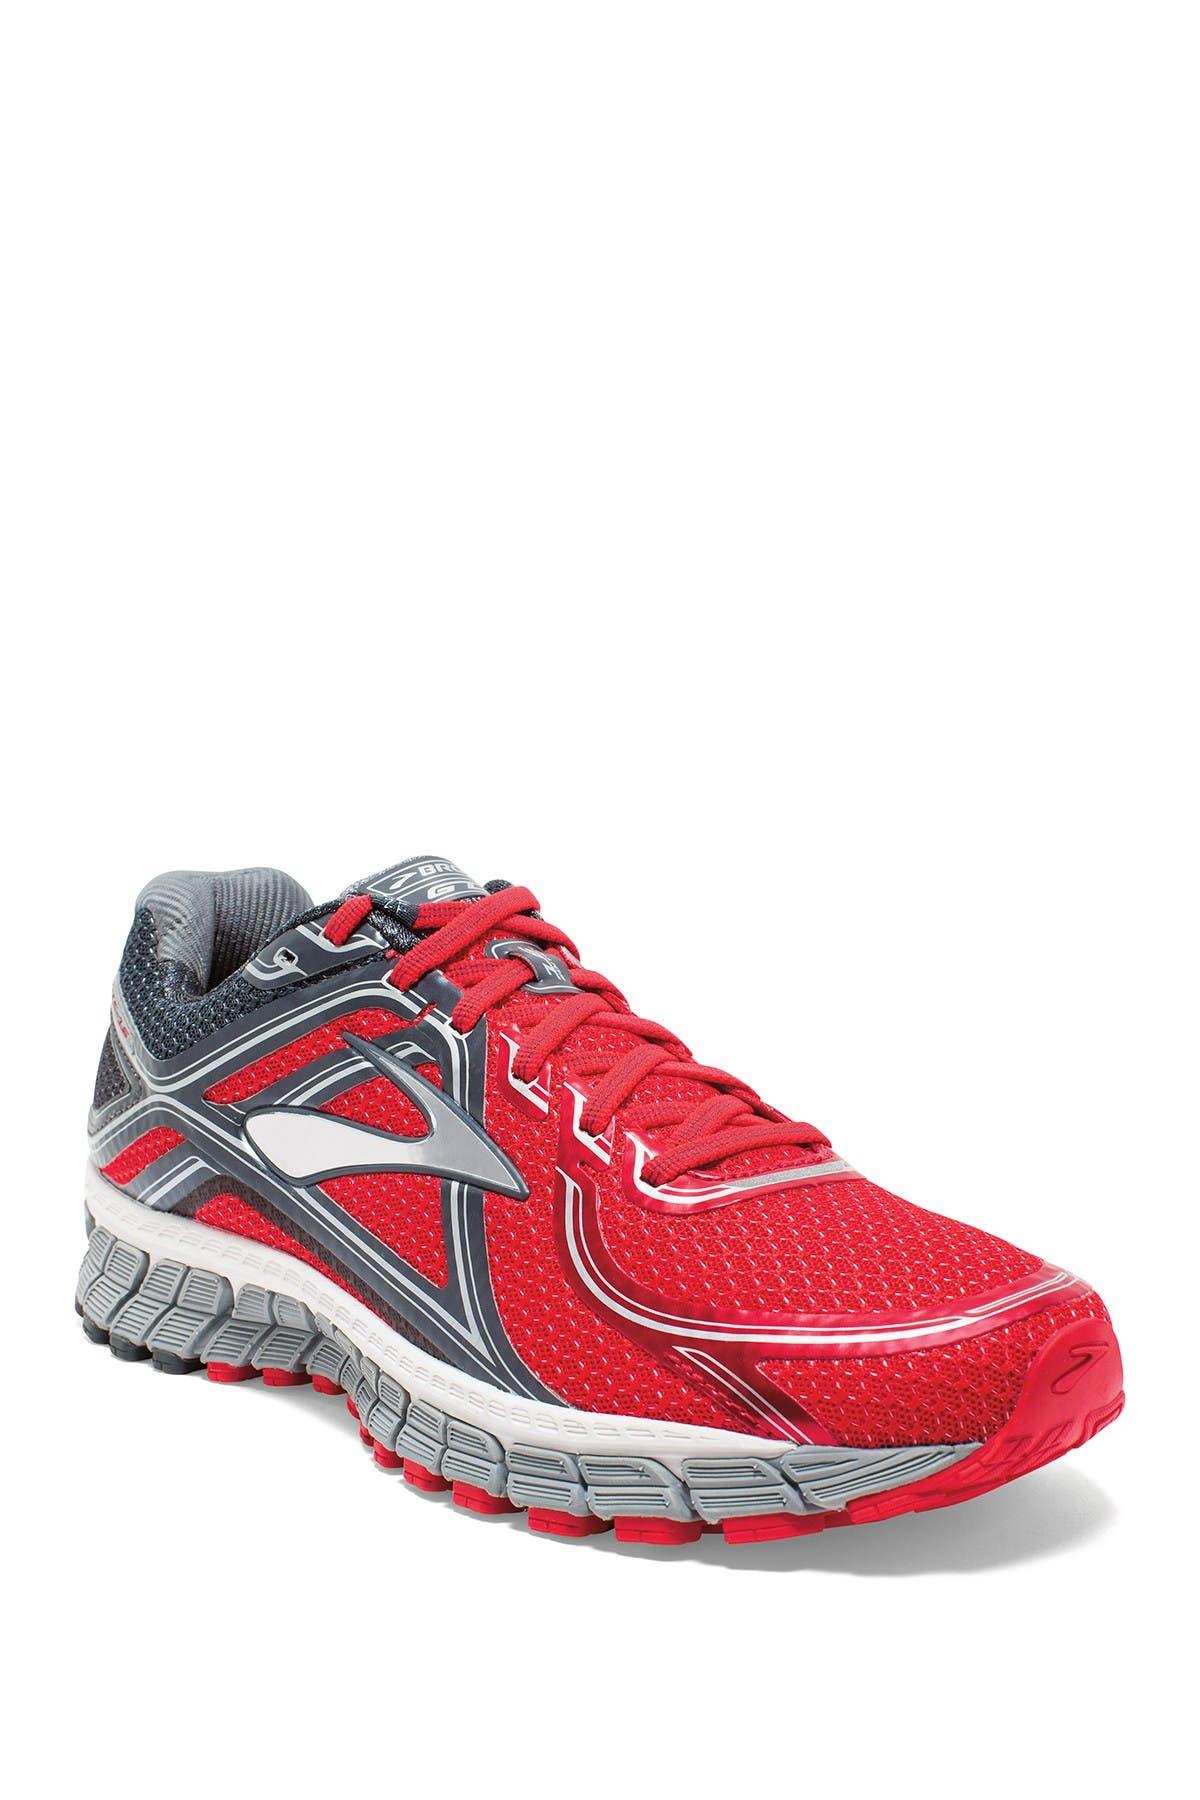 Brooks | Adrenaline GTS 16 Running Shoe